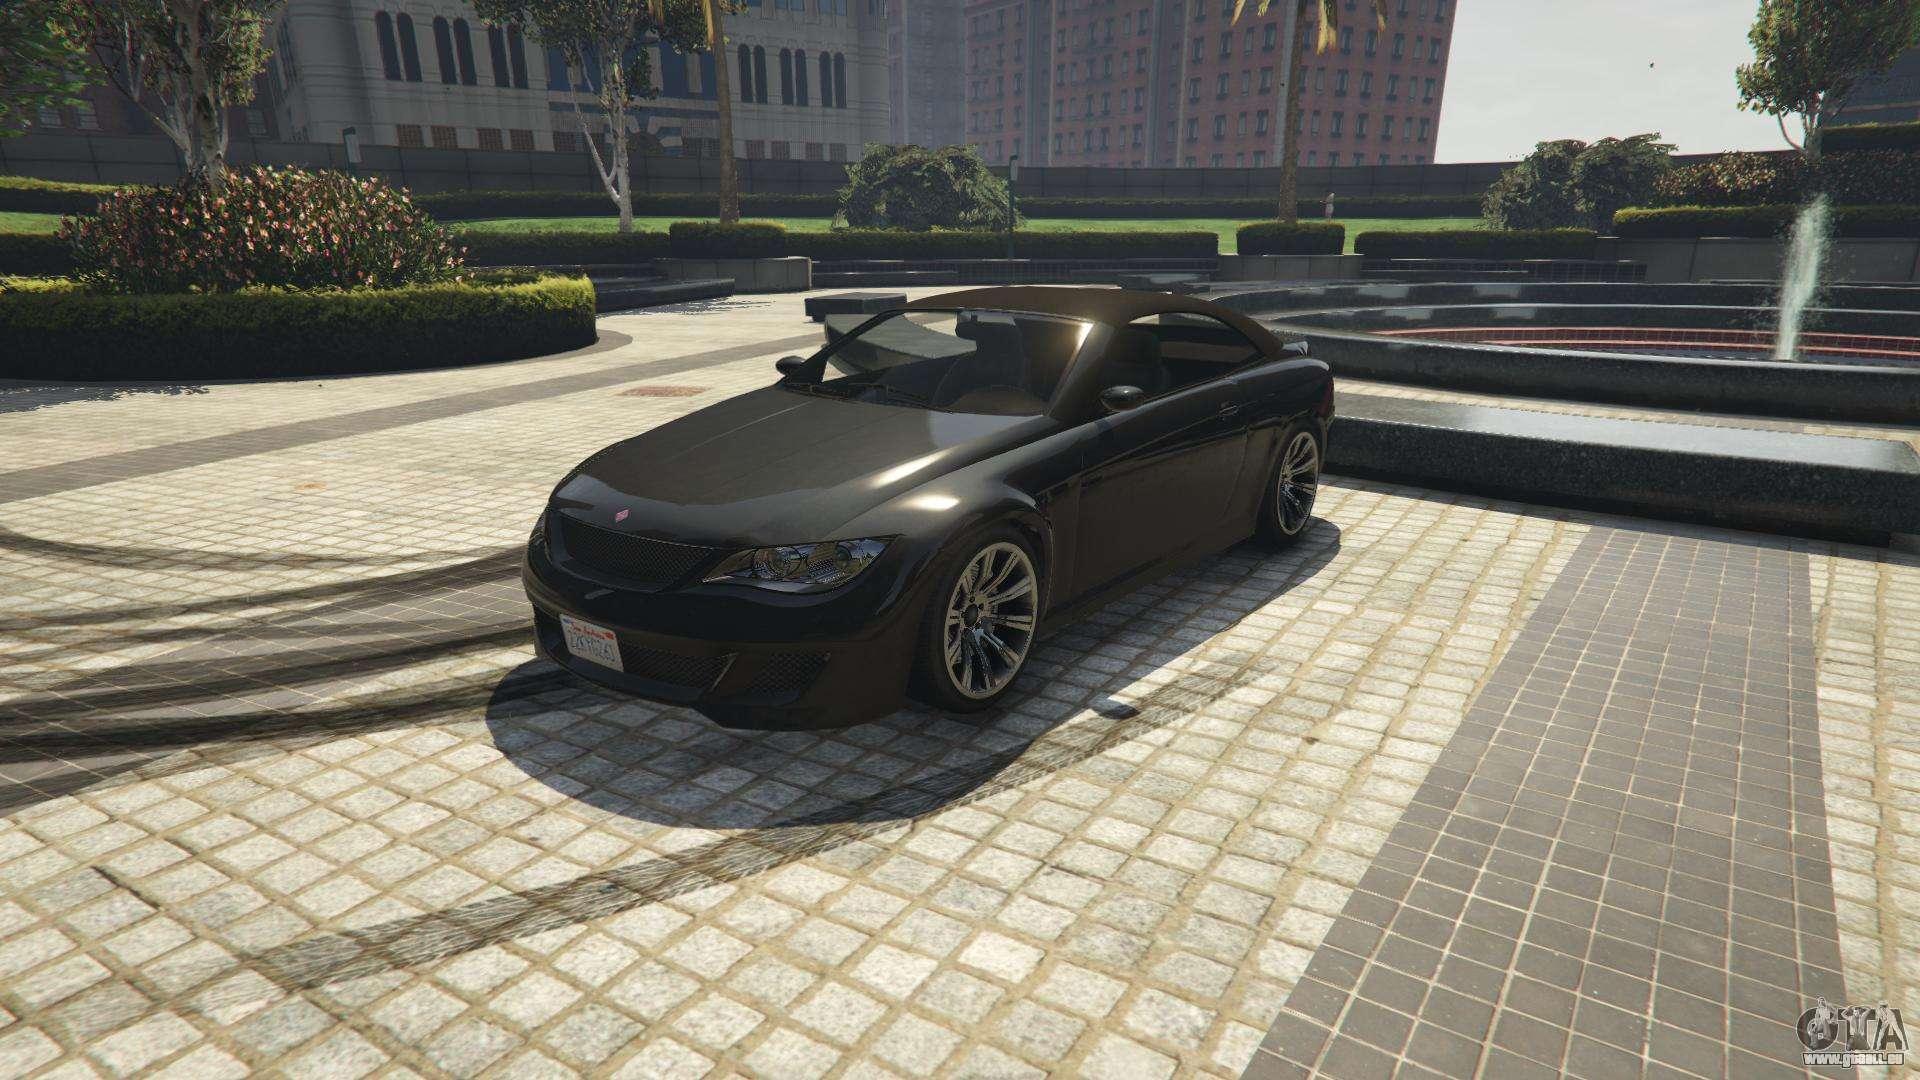 Ubermacht Zion Cabrio von GTA 5 - Frontansicht